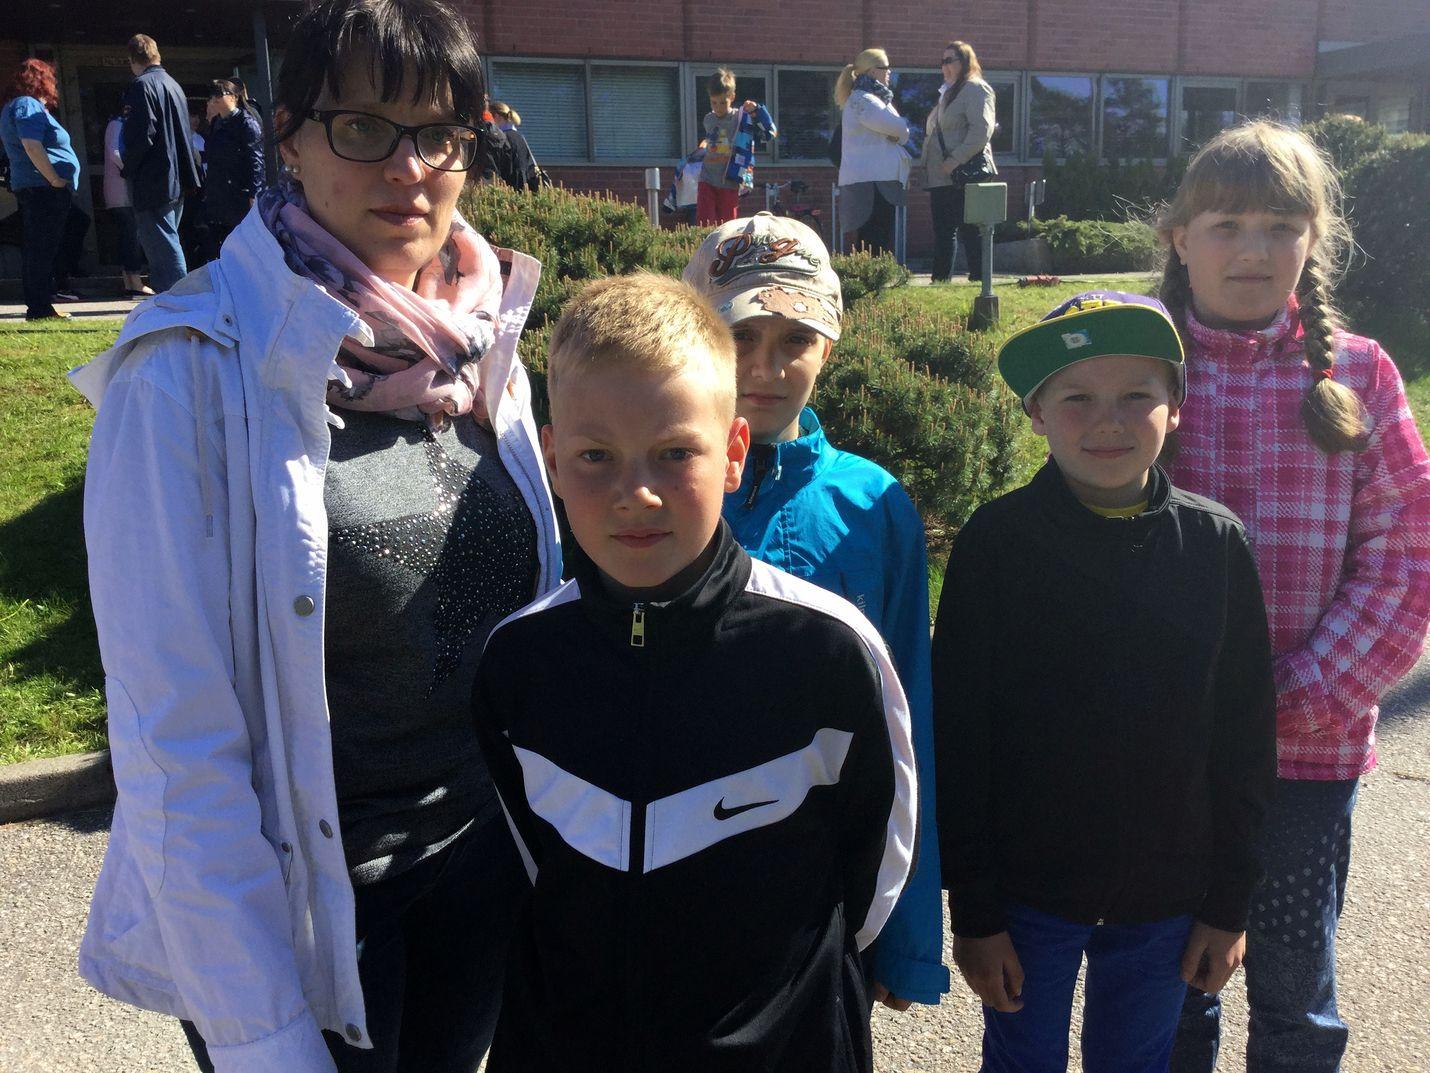 Sanna Lautakari, Vilho Lautakari, Eino Lautakari, Juuli Niemimaa ja Aukusti Niemimaa siirtyivät toimituksesta nimikirjoitusjonoon.